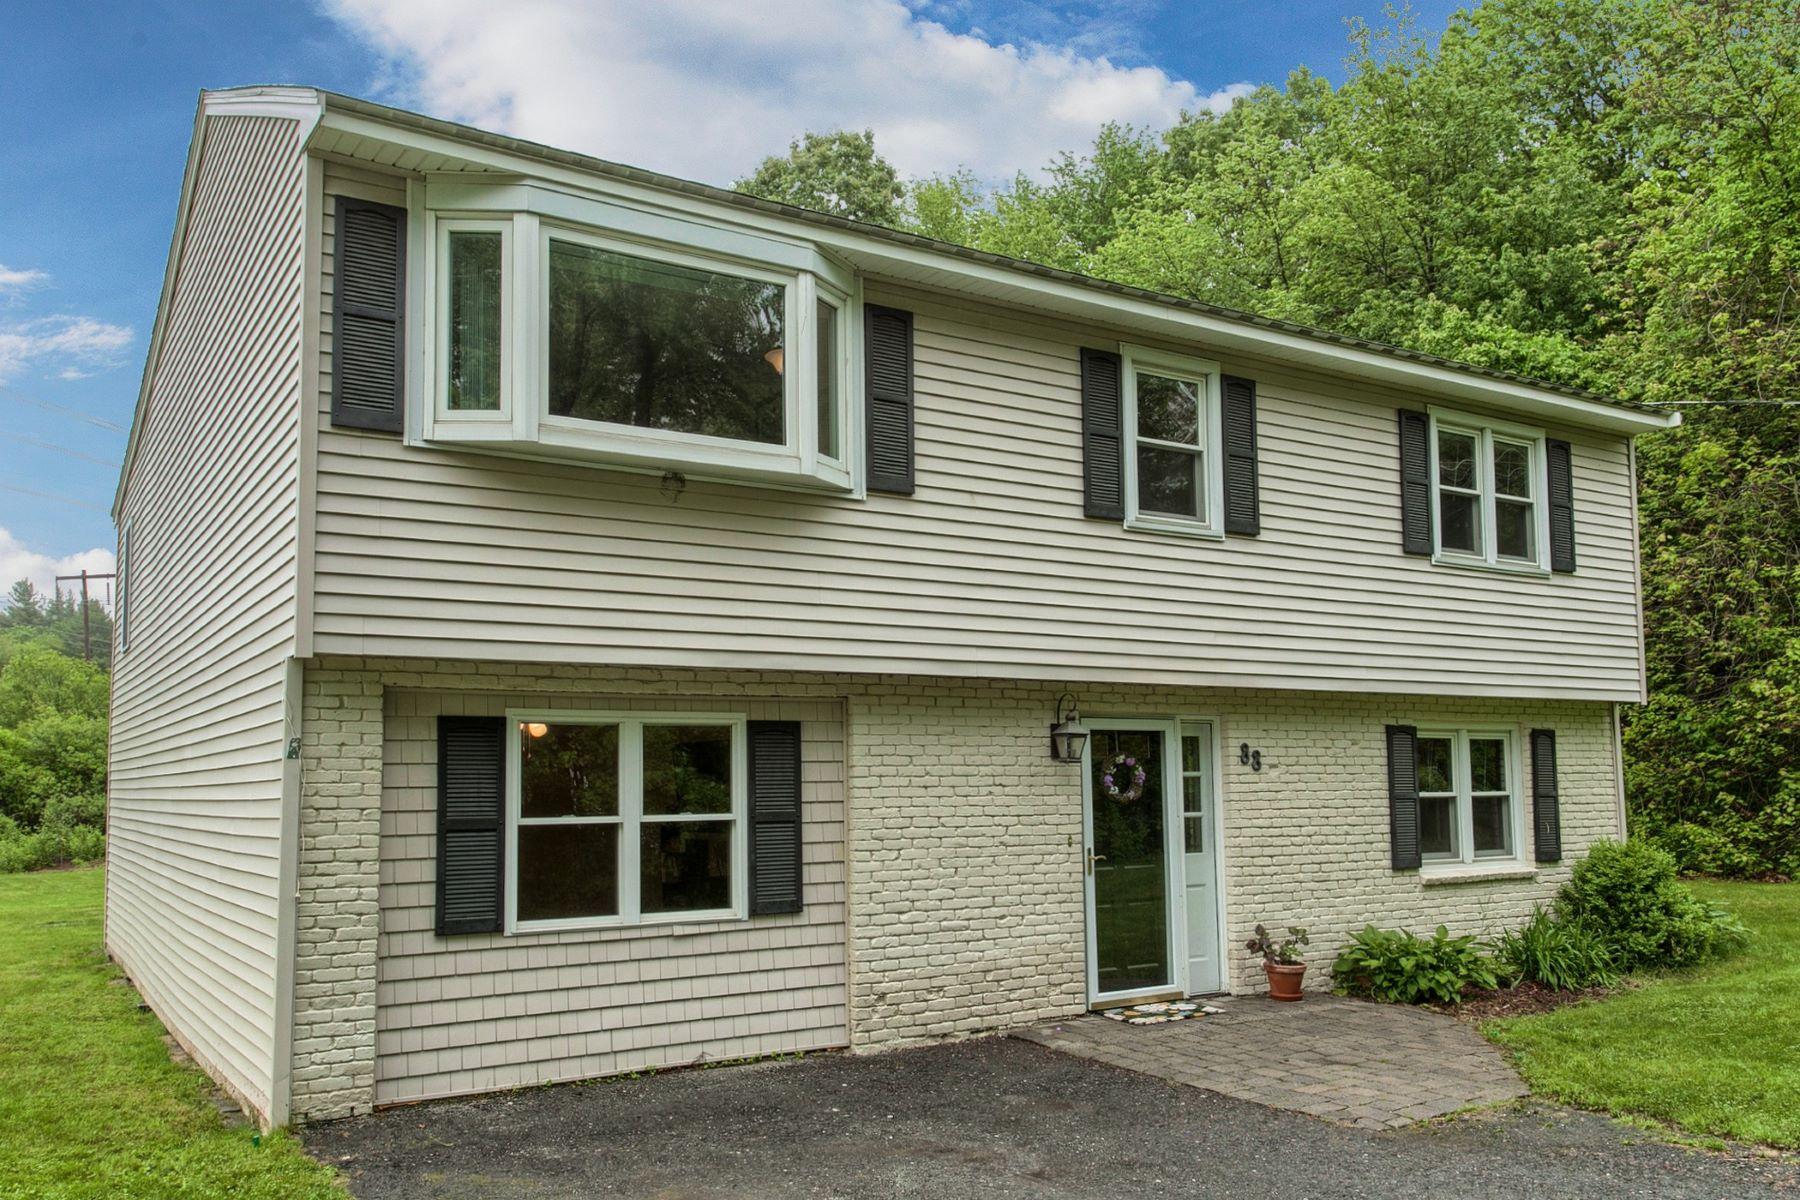 Casa para uma família para Venda às In-law potential 88 Concord Road Westford, Massachusetts, 01886 Estados Unidos